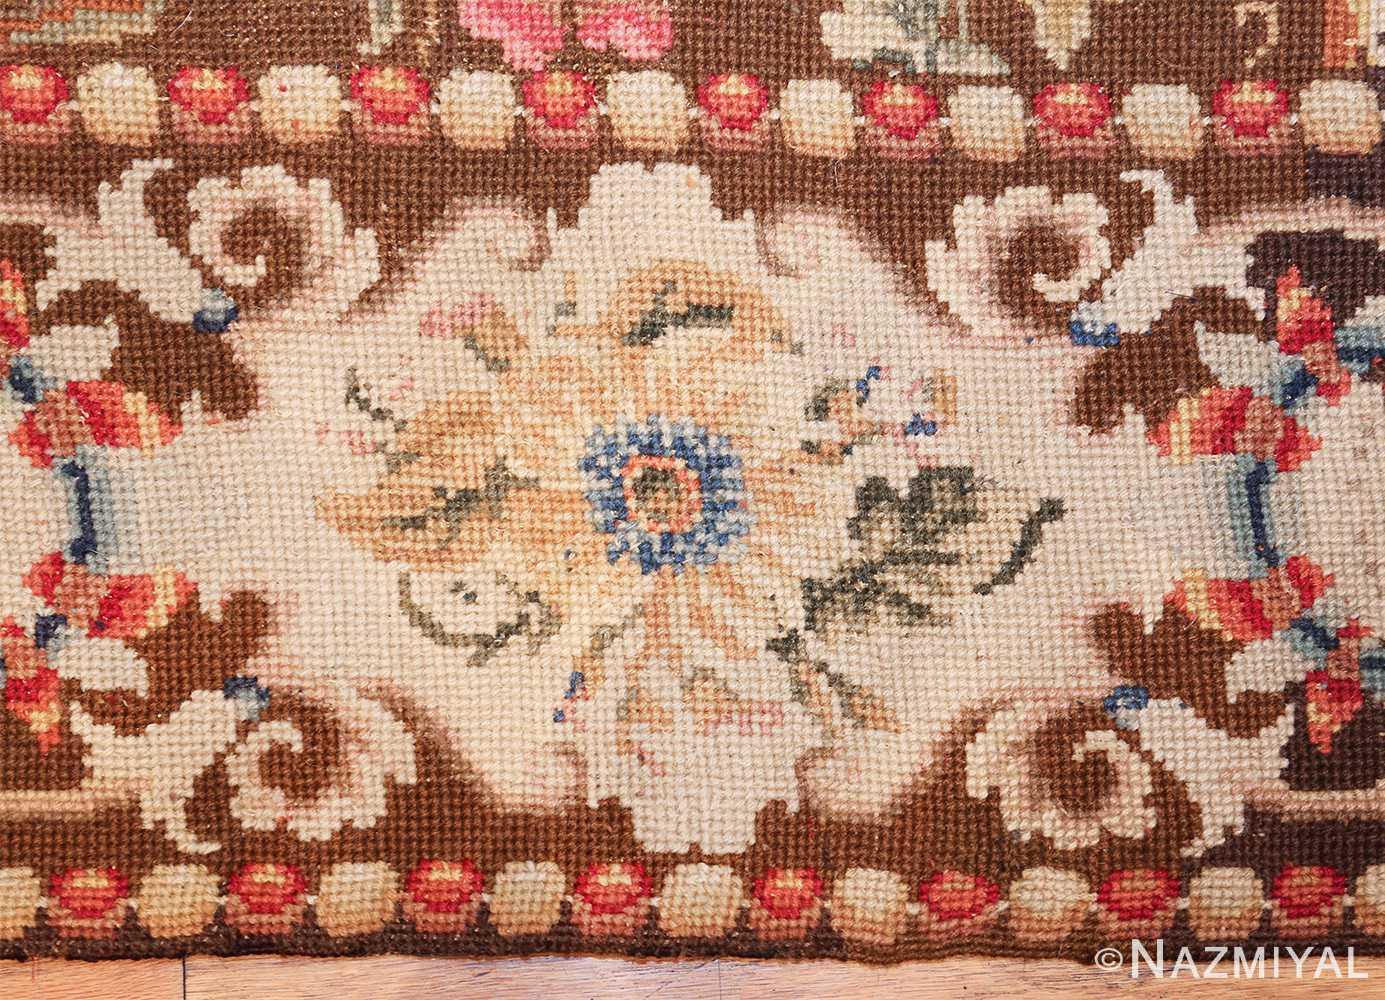 mesmerizing floral antique english needlepoint rug 3000 border Nazmiyal